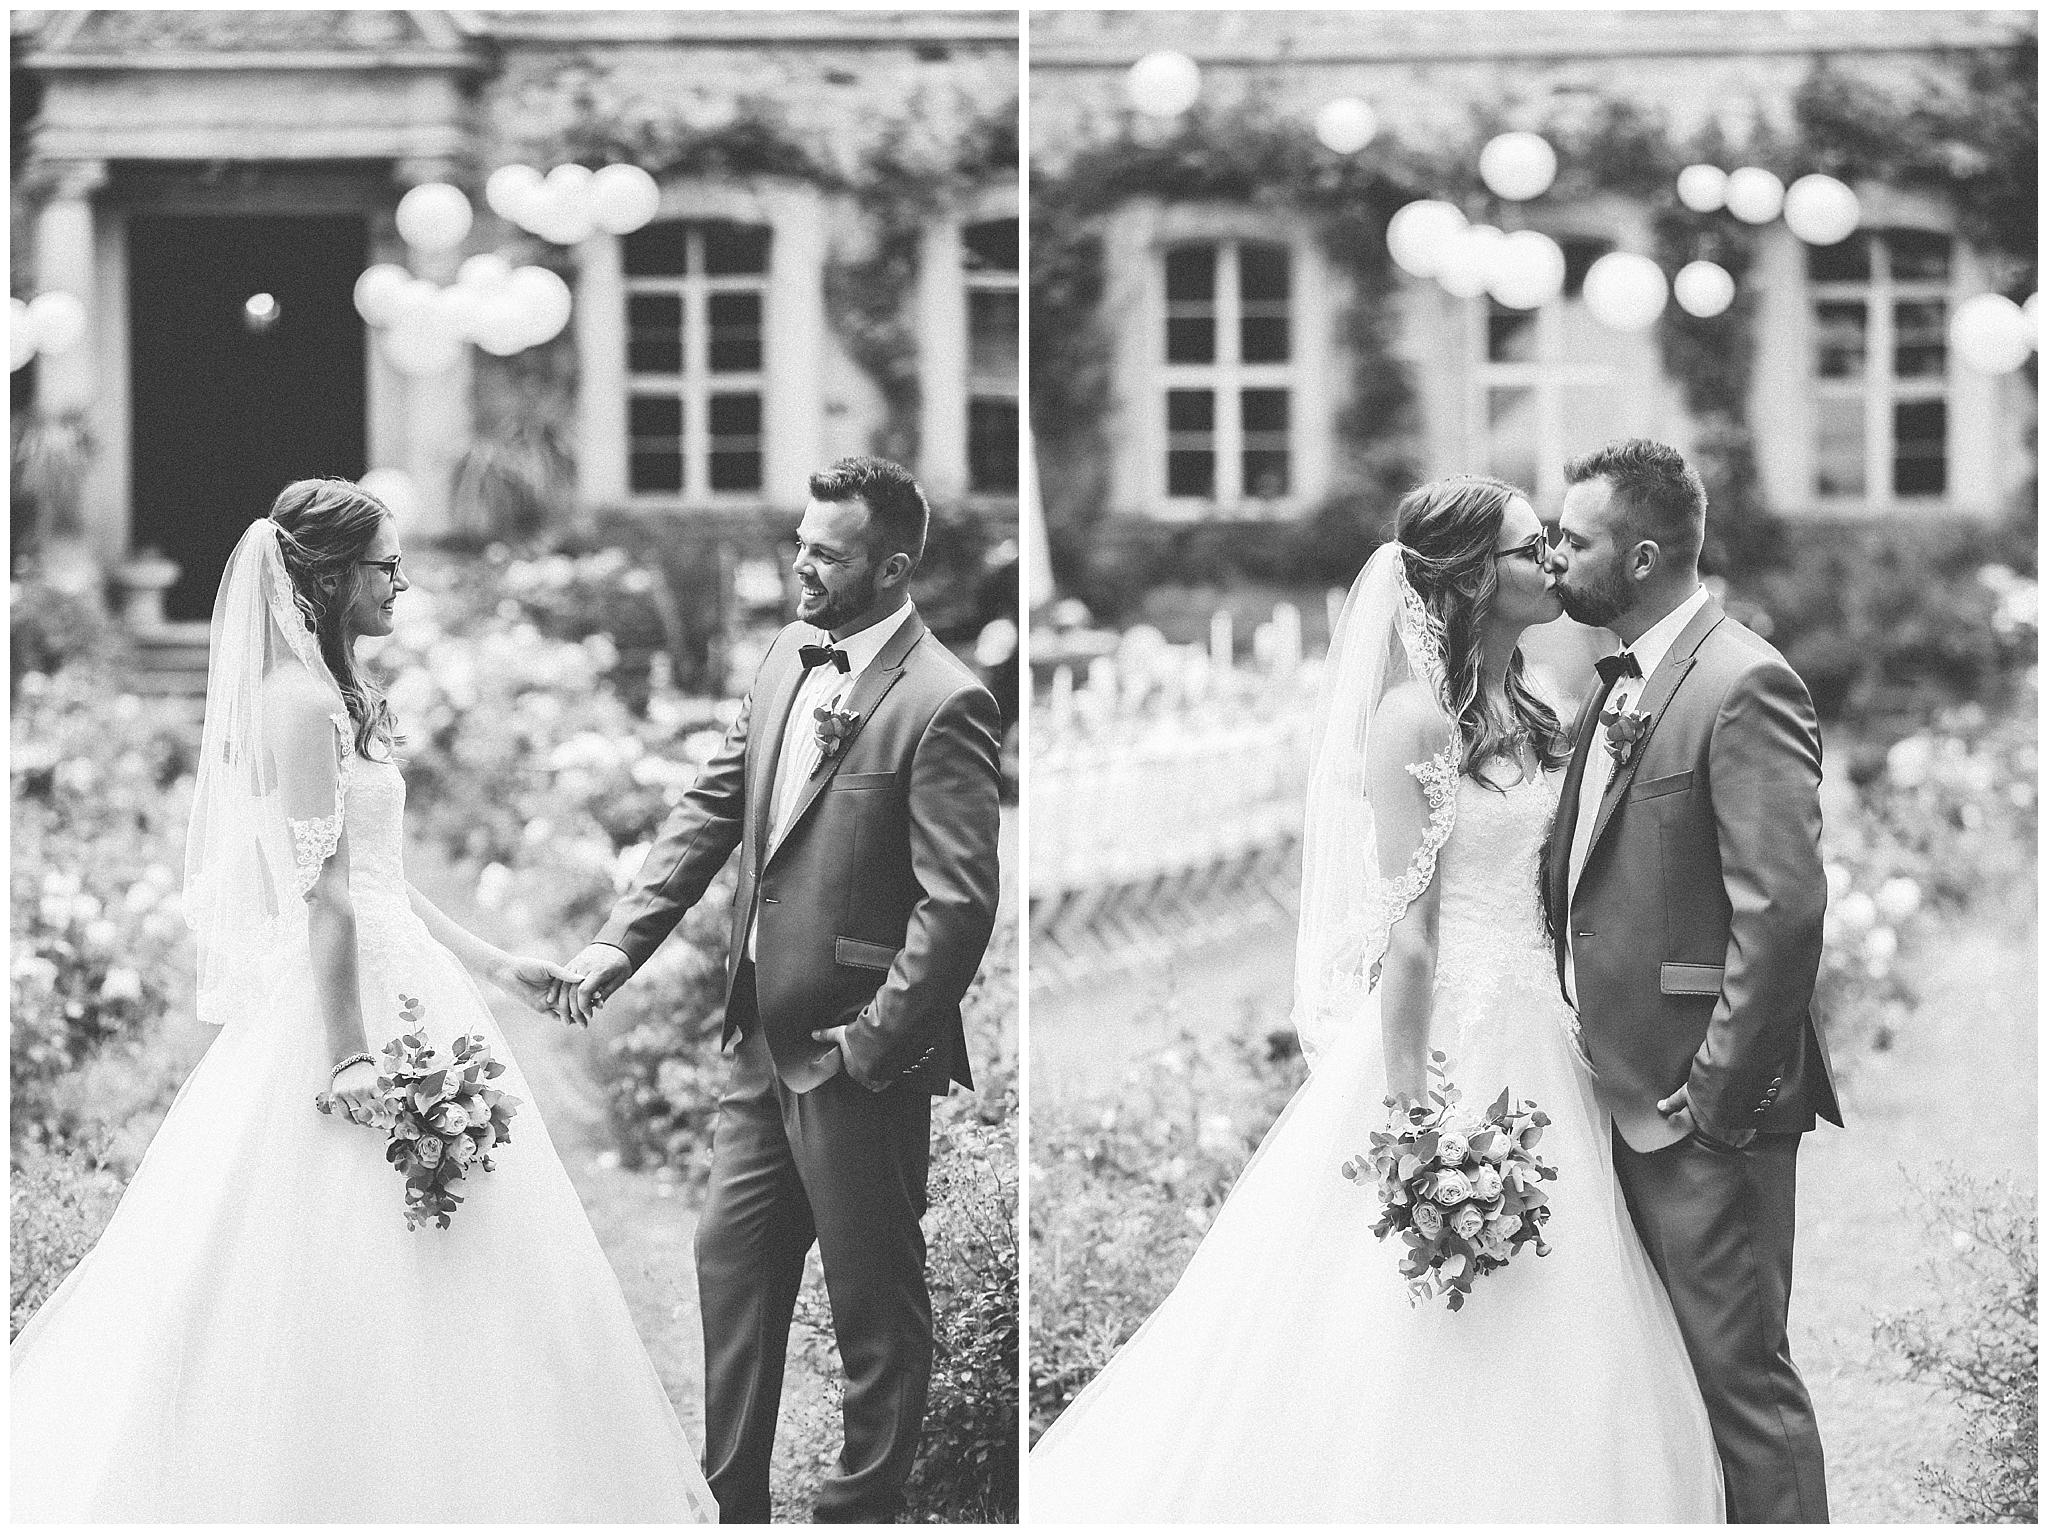 Hochzeit_Menninger_dieLICHTBUILDER_57.jpg